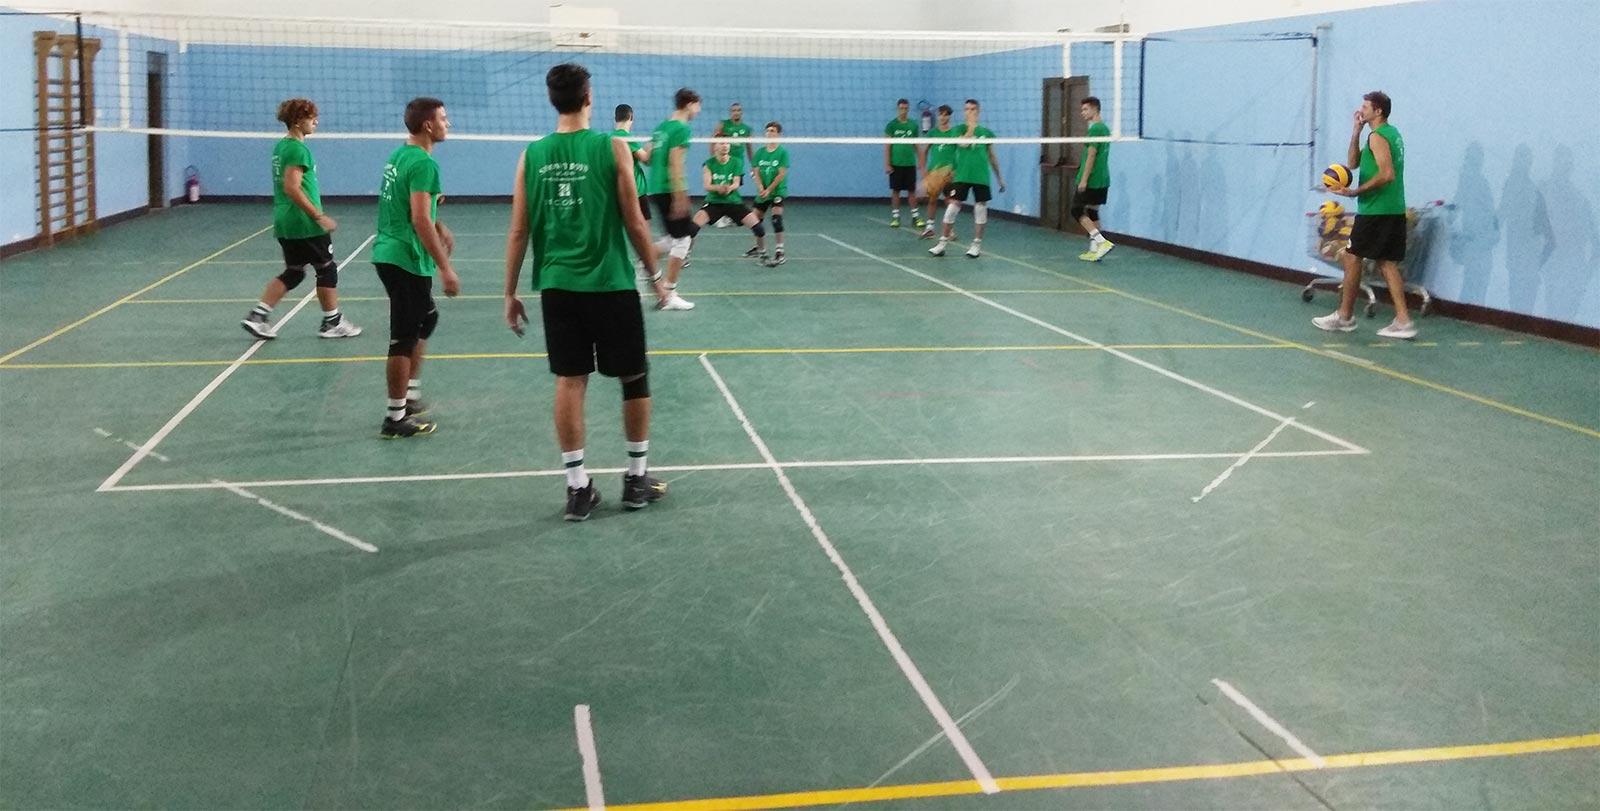 Continua la preparazione precampionato fra allenamenti e amichevoli